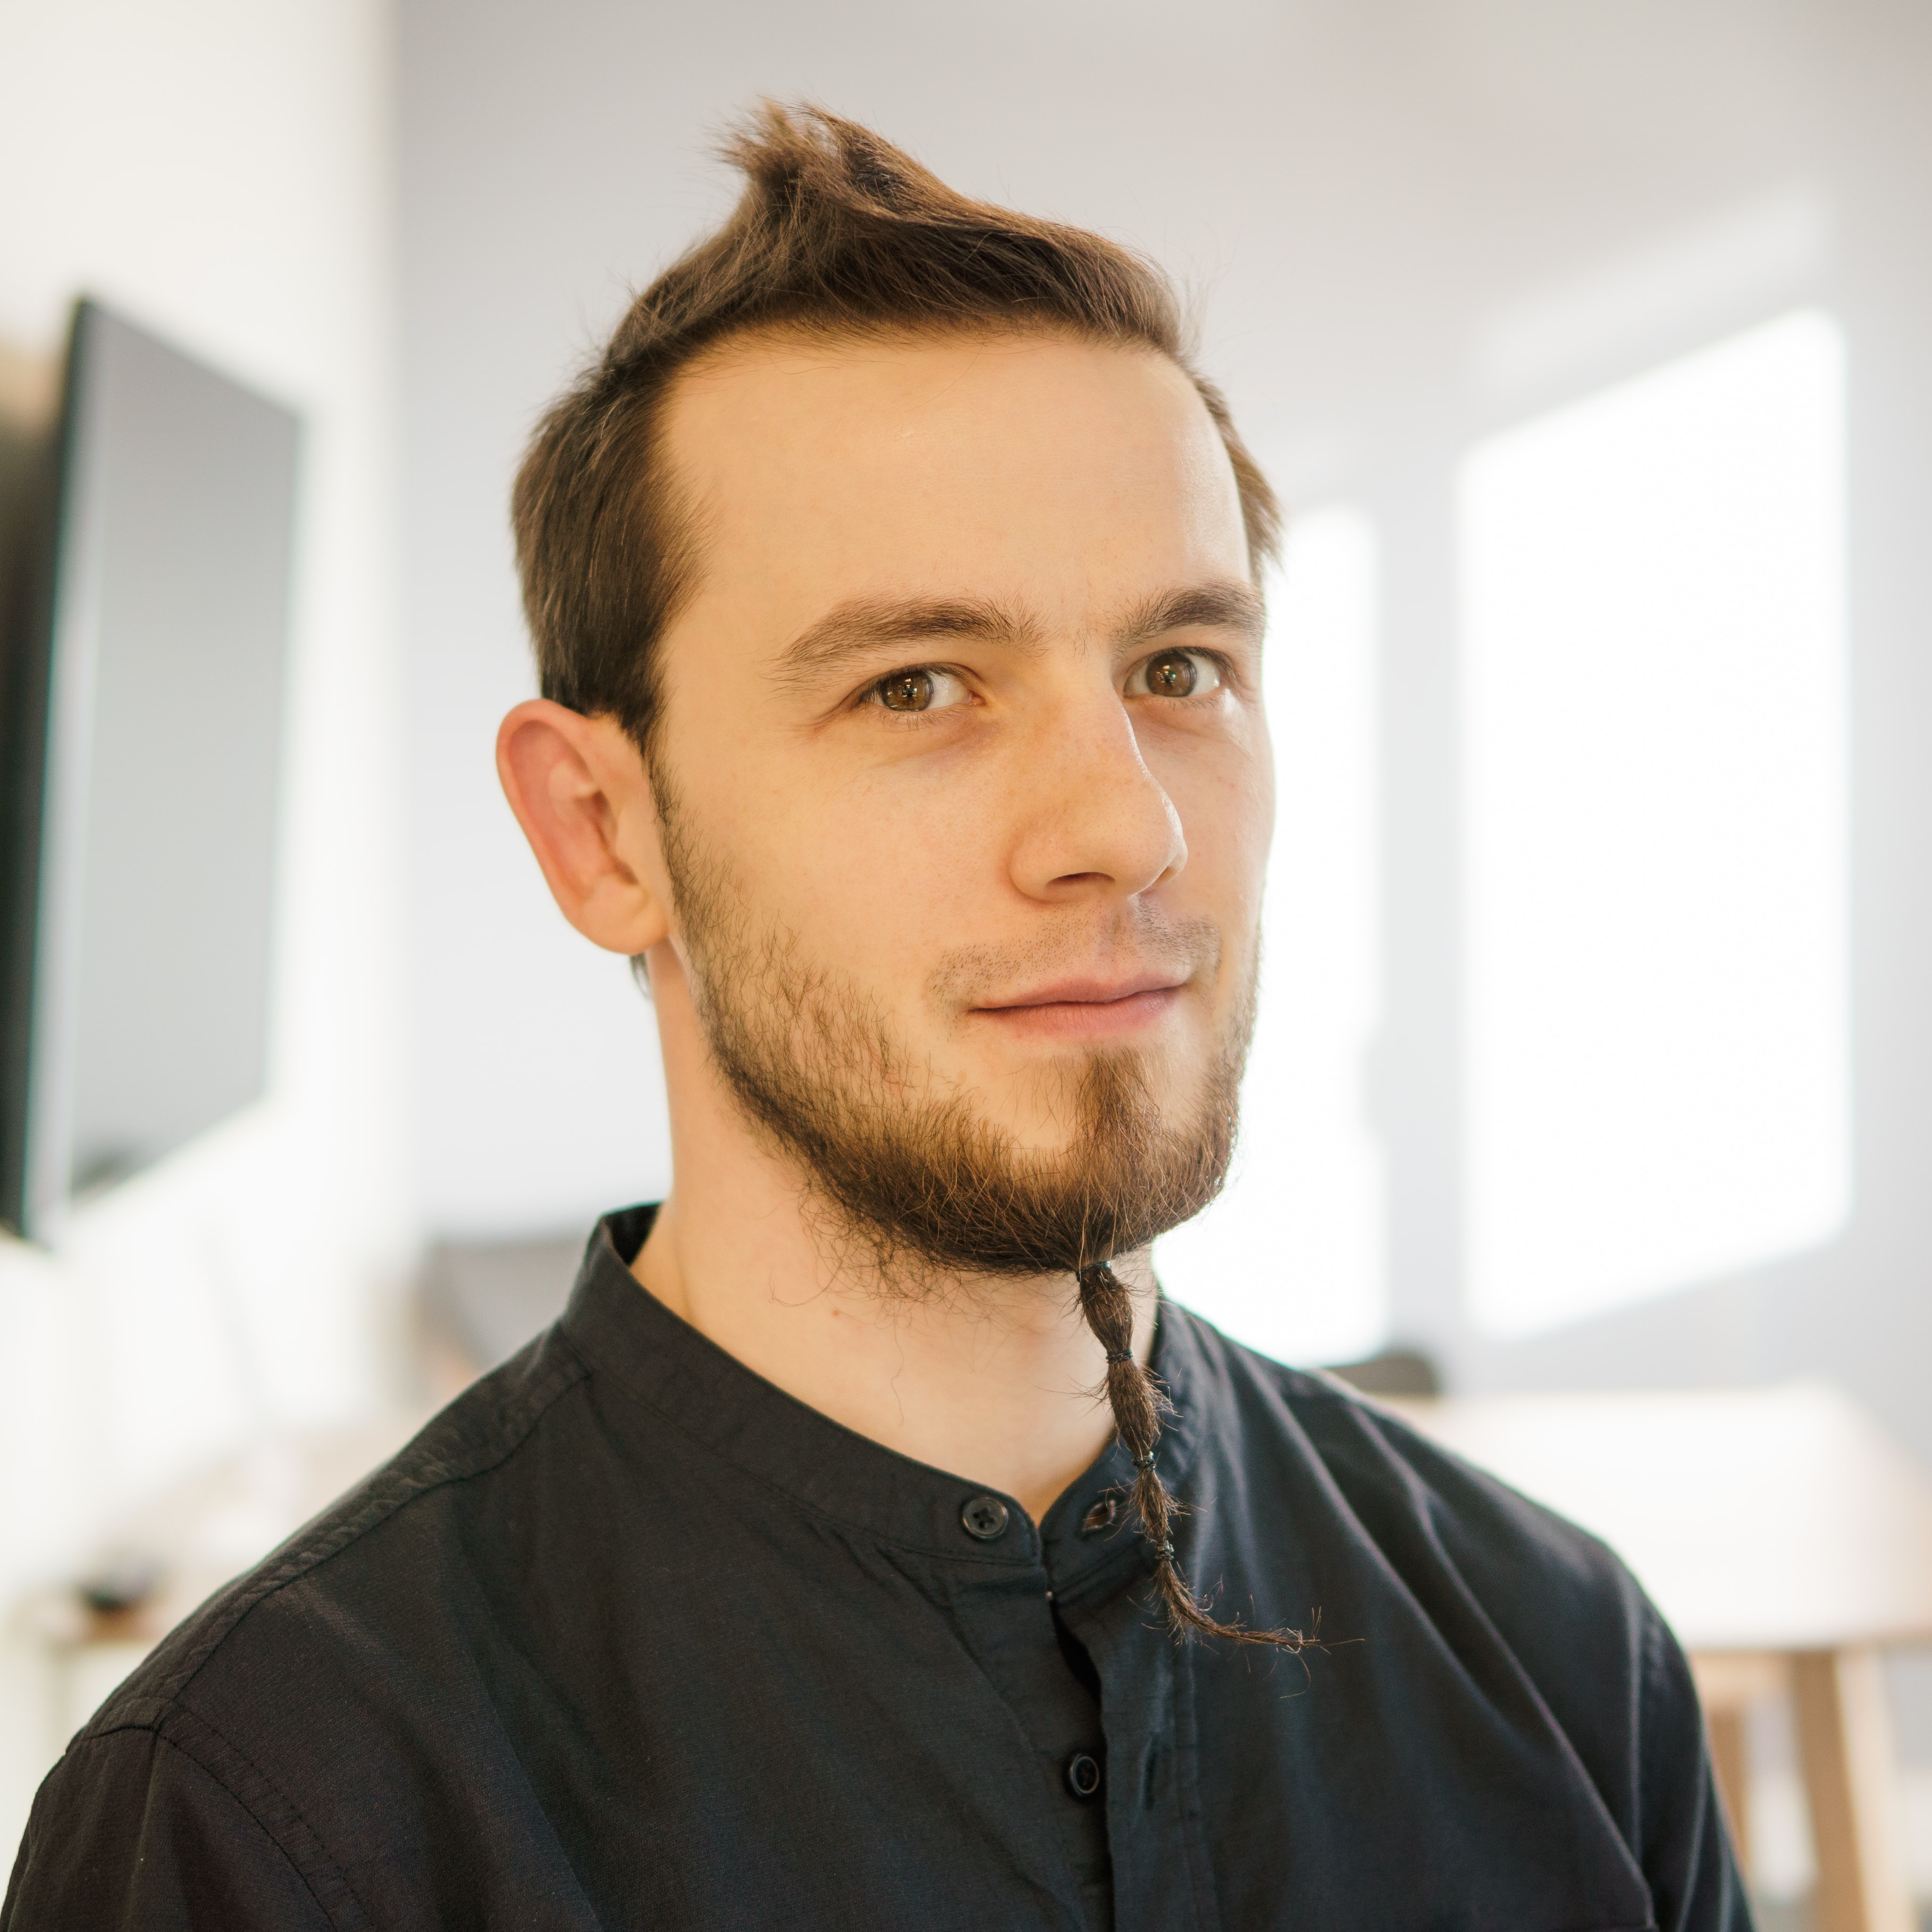 Lukasz Malinowski